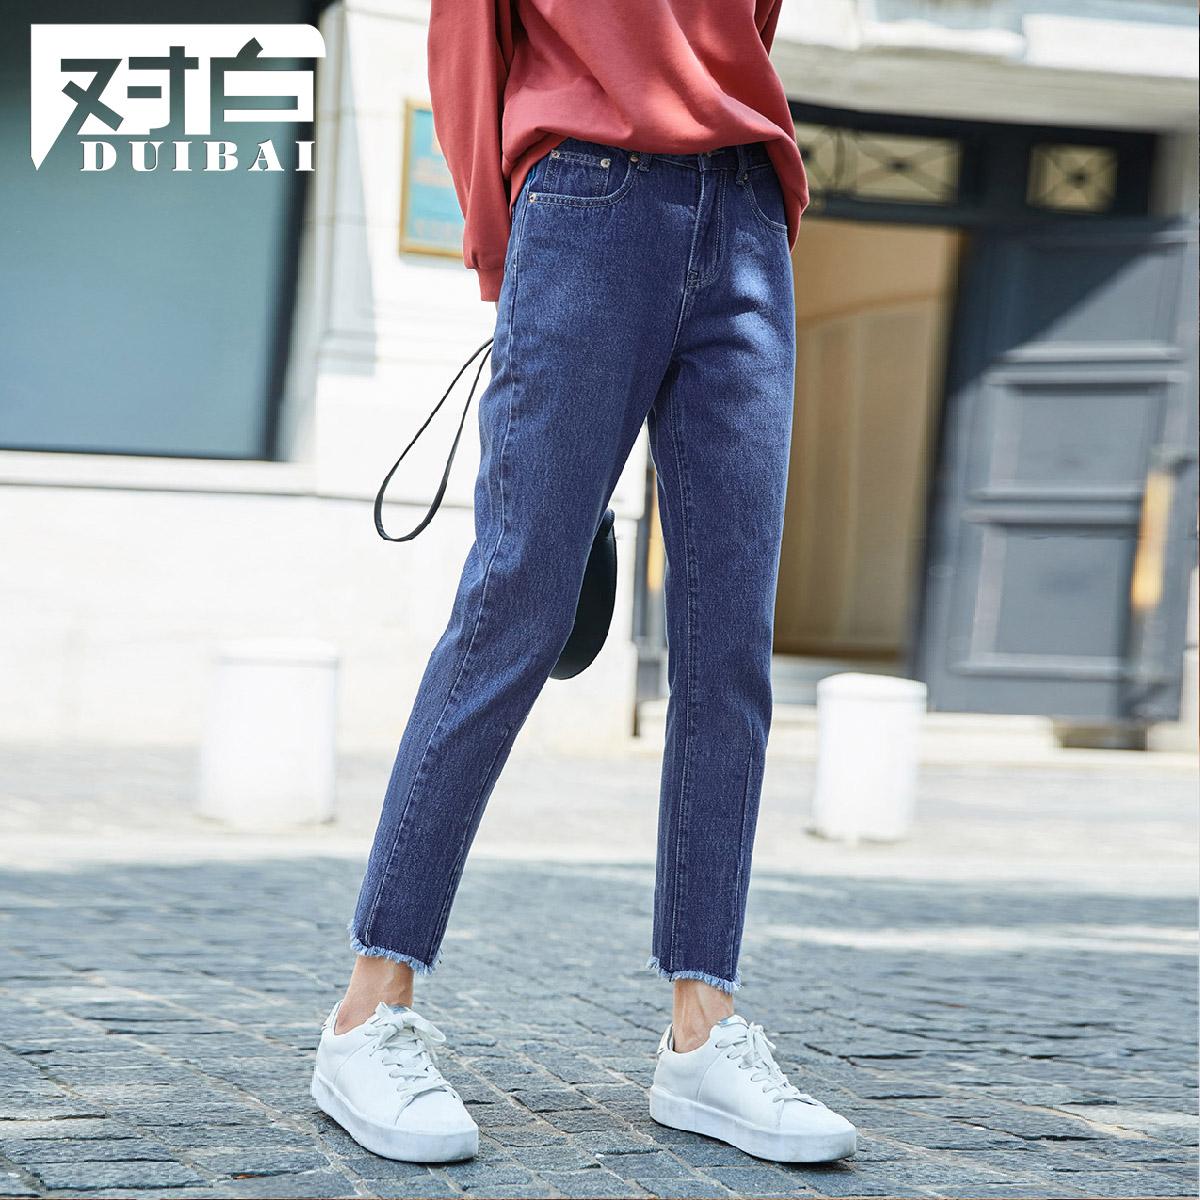 对白2017秋装新款 个性毛边蓝色棉质牛仔裤女 休闲简约九分直筒裤